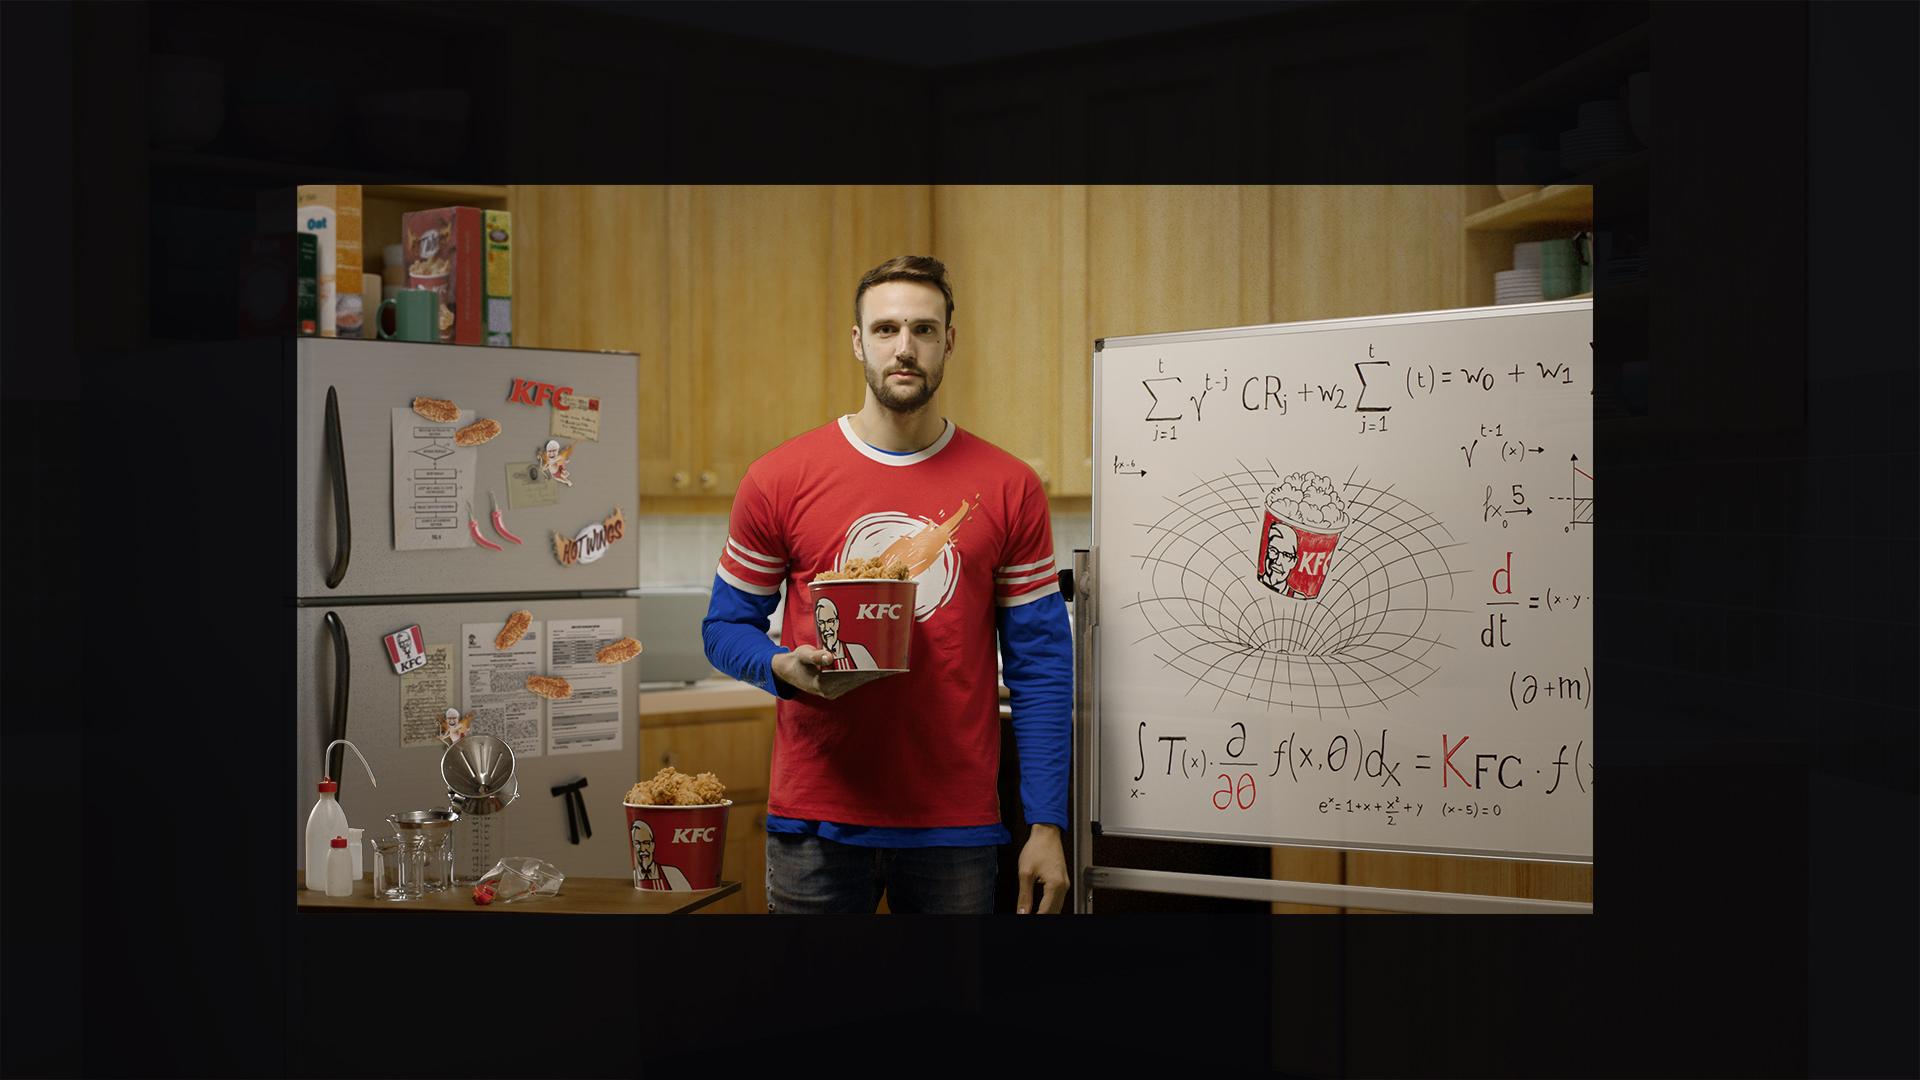 KFC Big Bang Theory CGI 3D